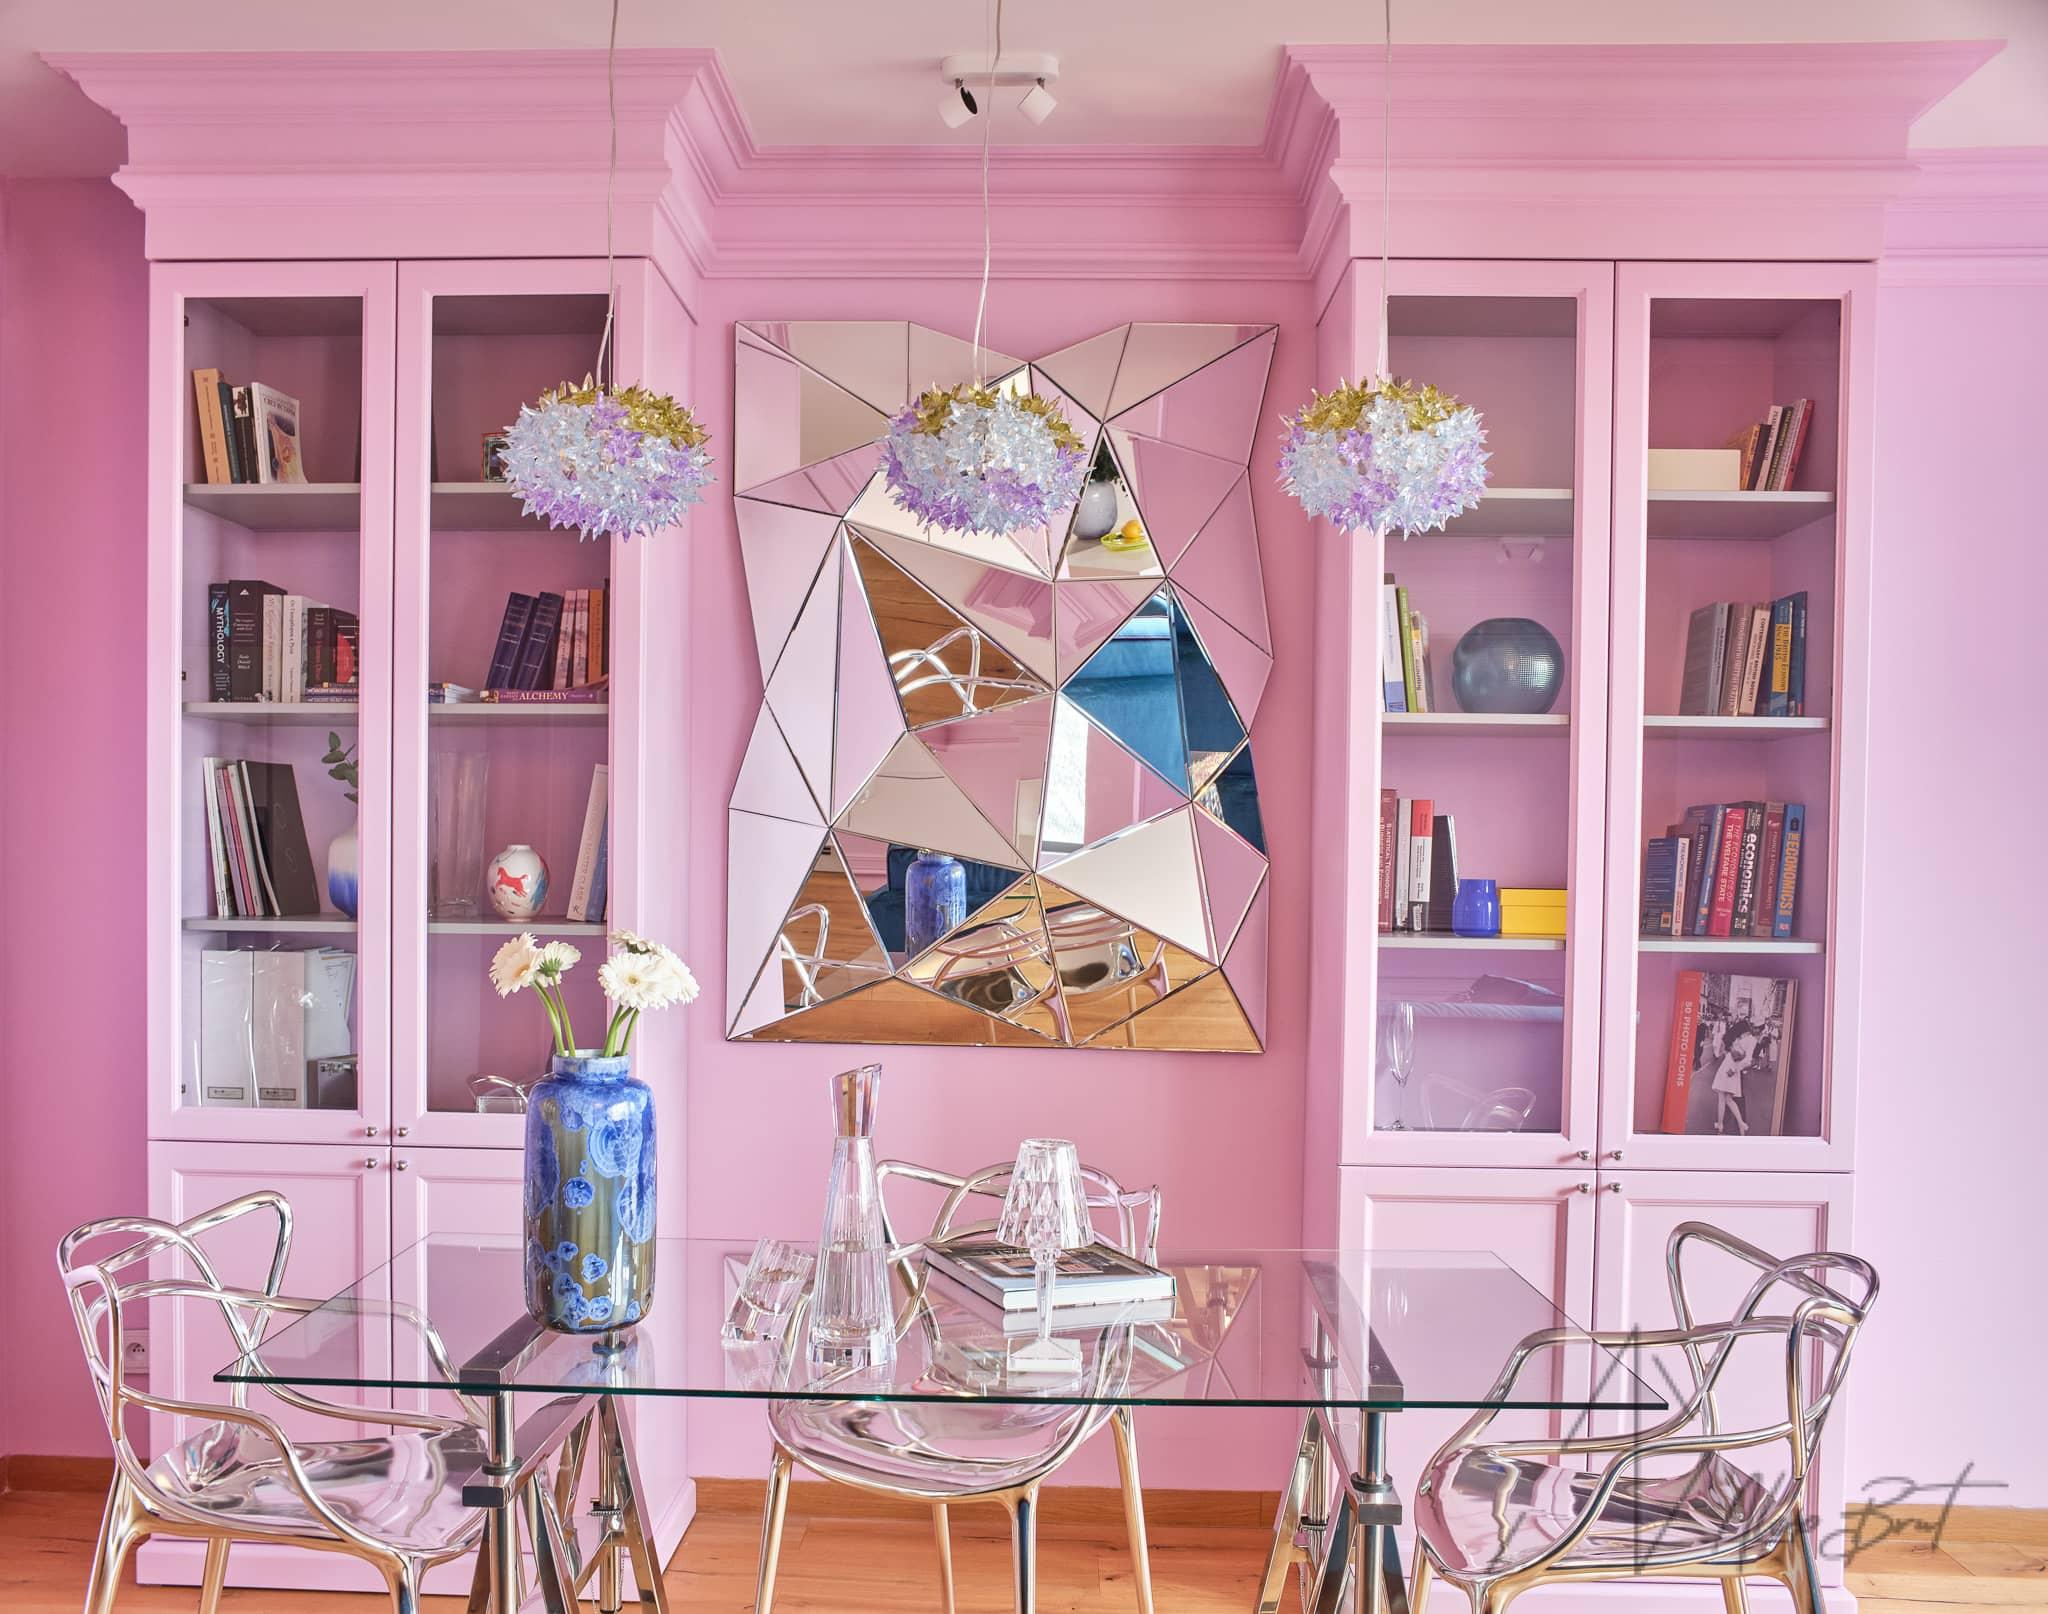 Návrh interiéru bytu - Růžový interiér